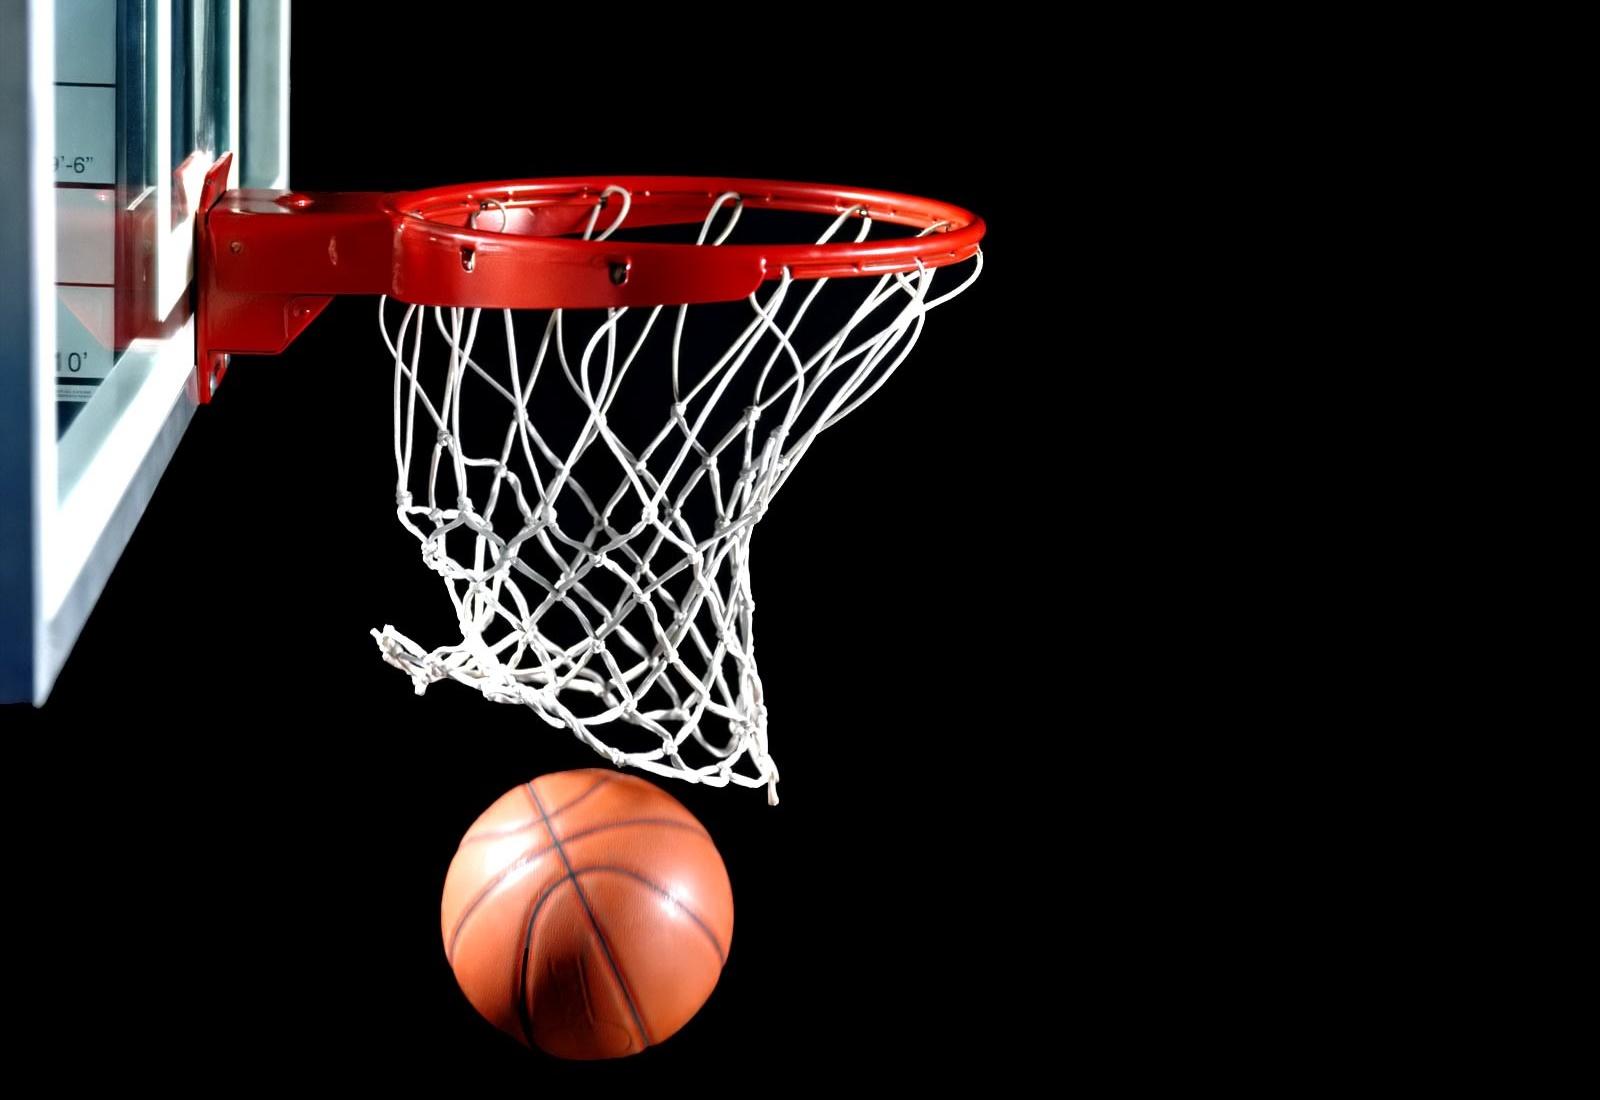 Türkiye 2 ABD'li basketçinin ülkeye girişini yasakladı